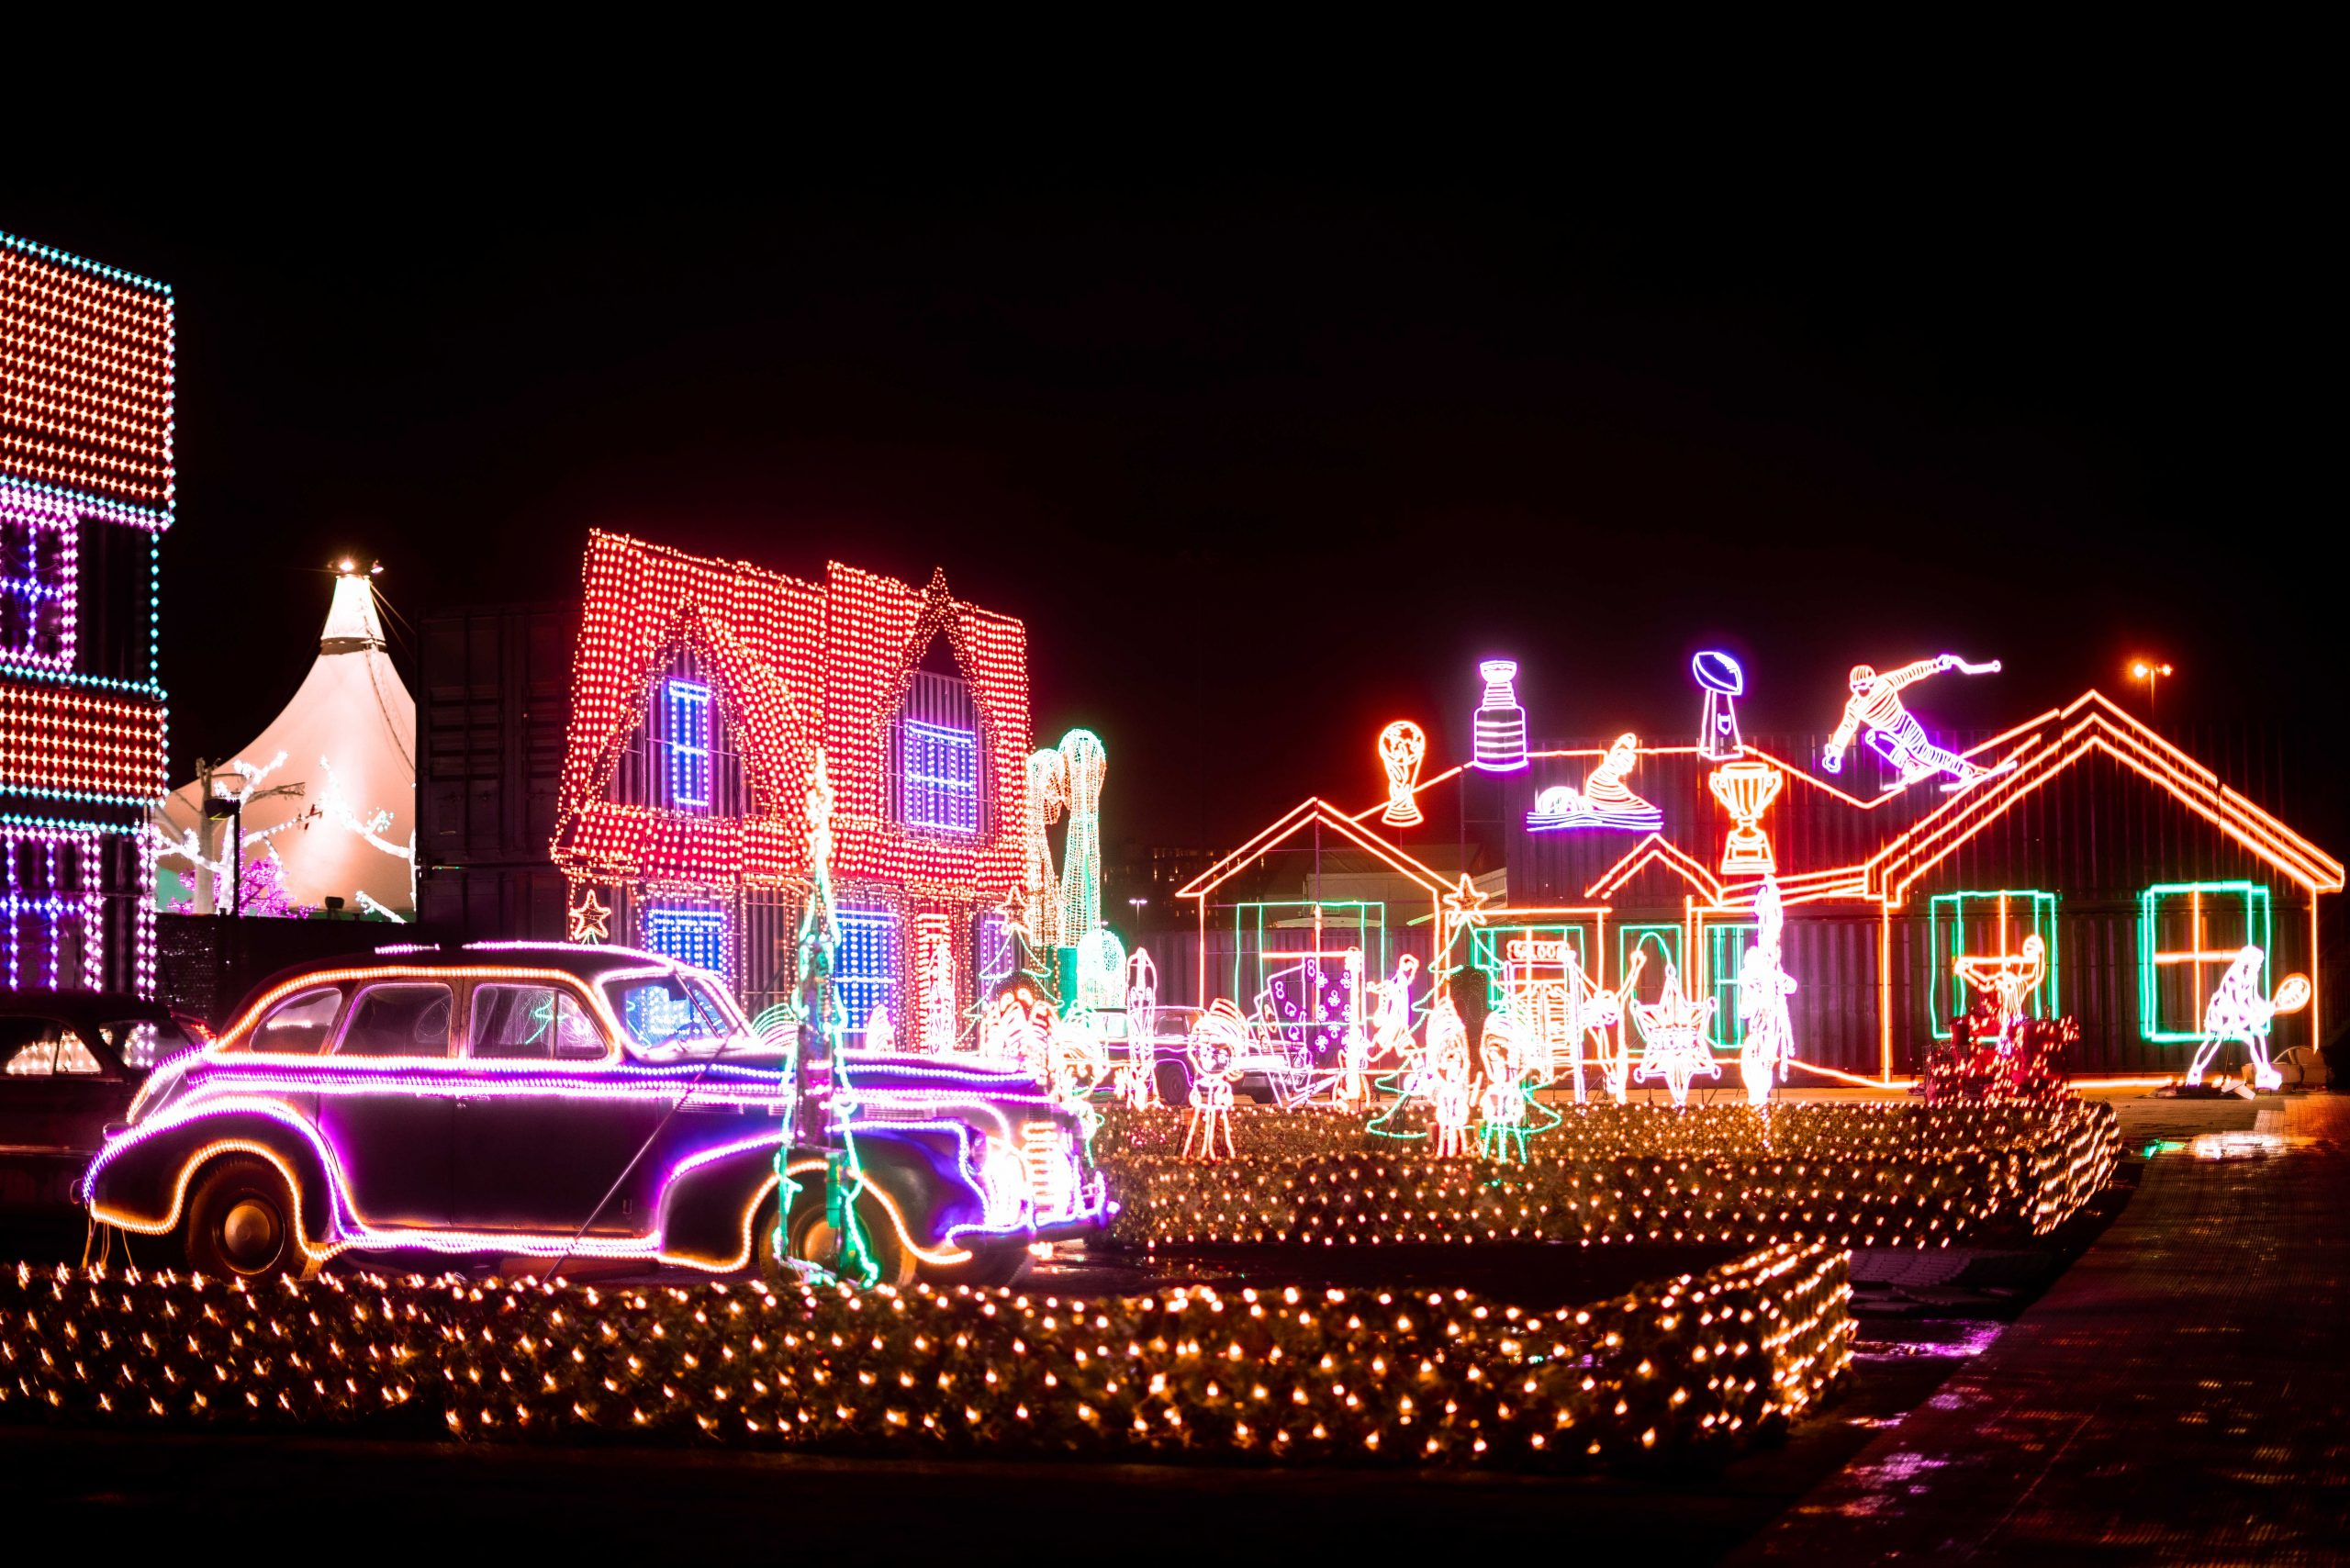 5-illumi-feerie-de-lumieres-en-voiture-illumi-a-drive-through-world-of-lights-scaled